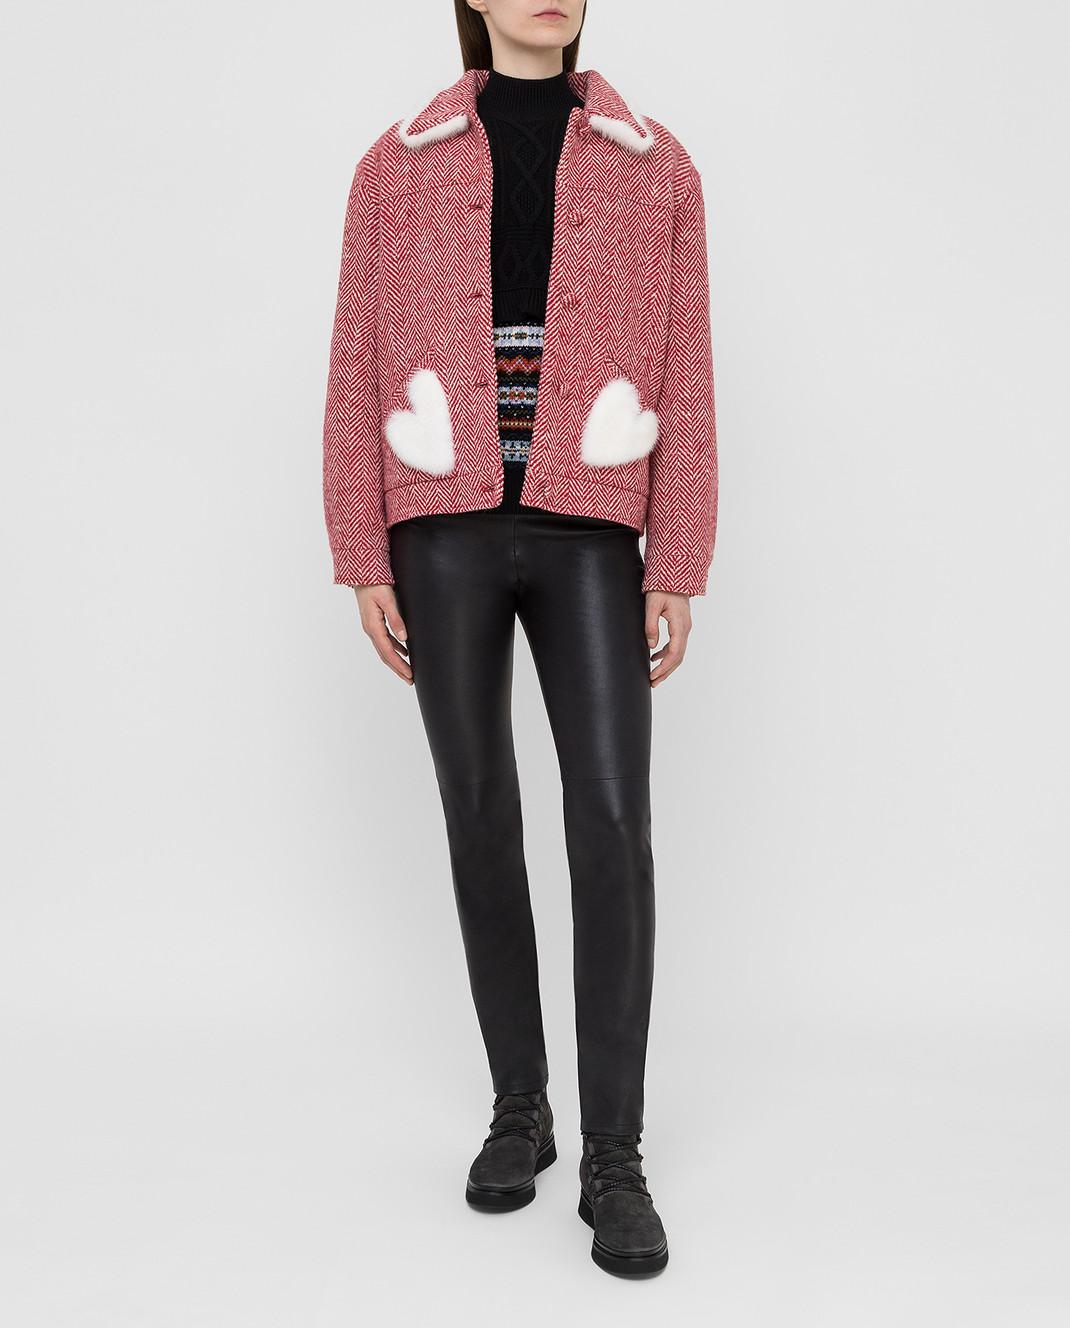 Simonetta Ravizza Красное пальто из шерсти с мехом норки BETH3 изображение 2